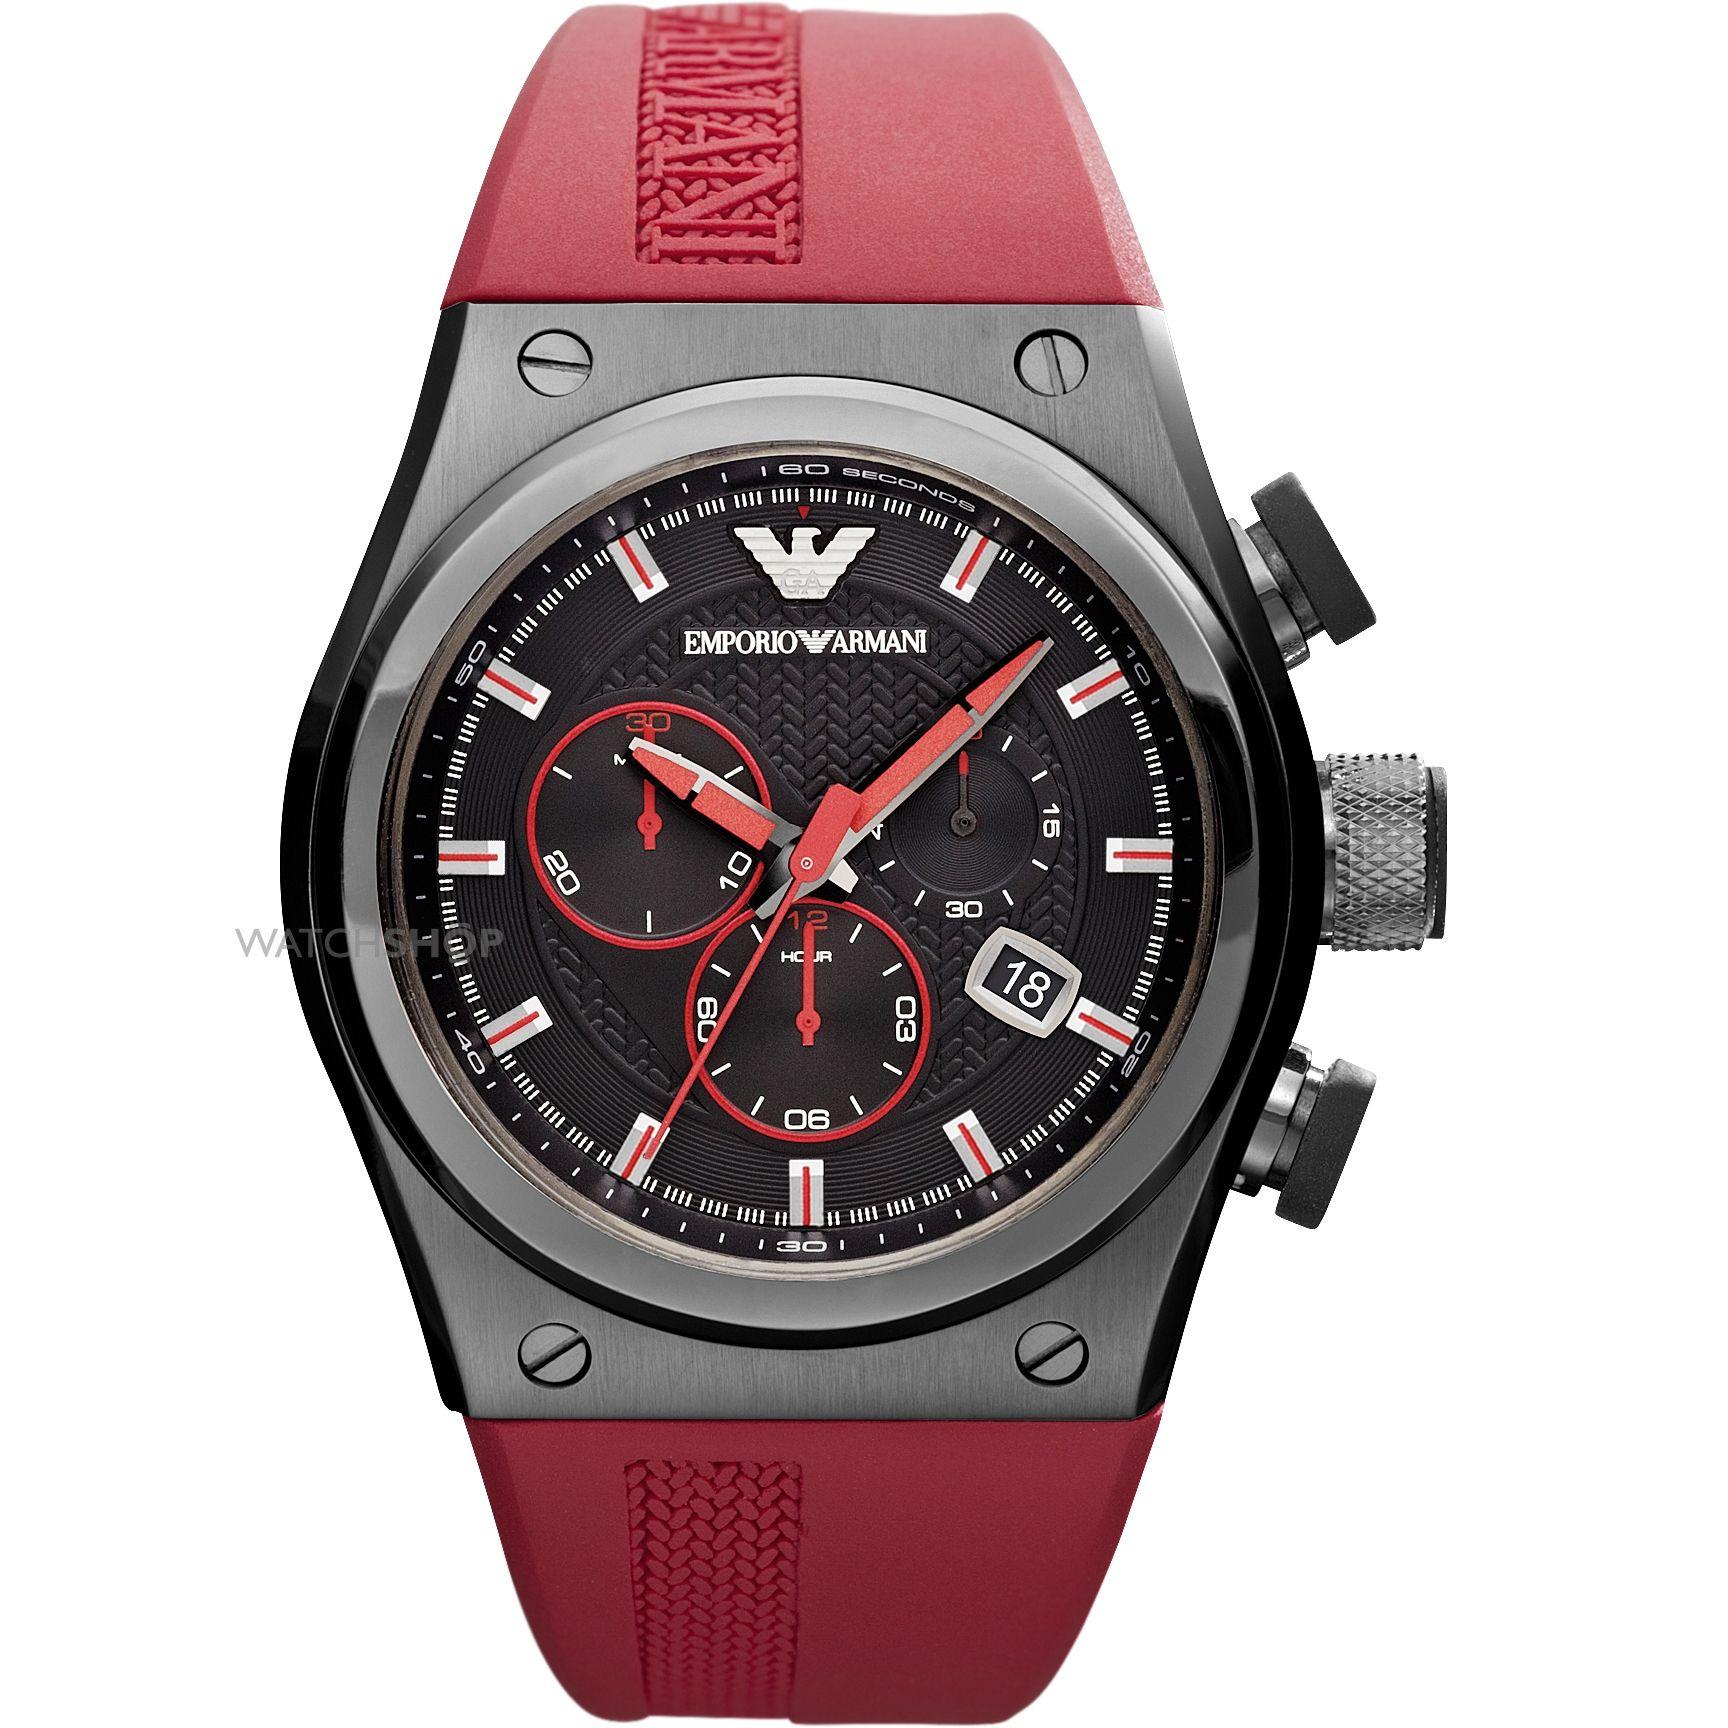 Наручные часы Giorgio Armani: цены в Москве Купить